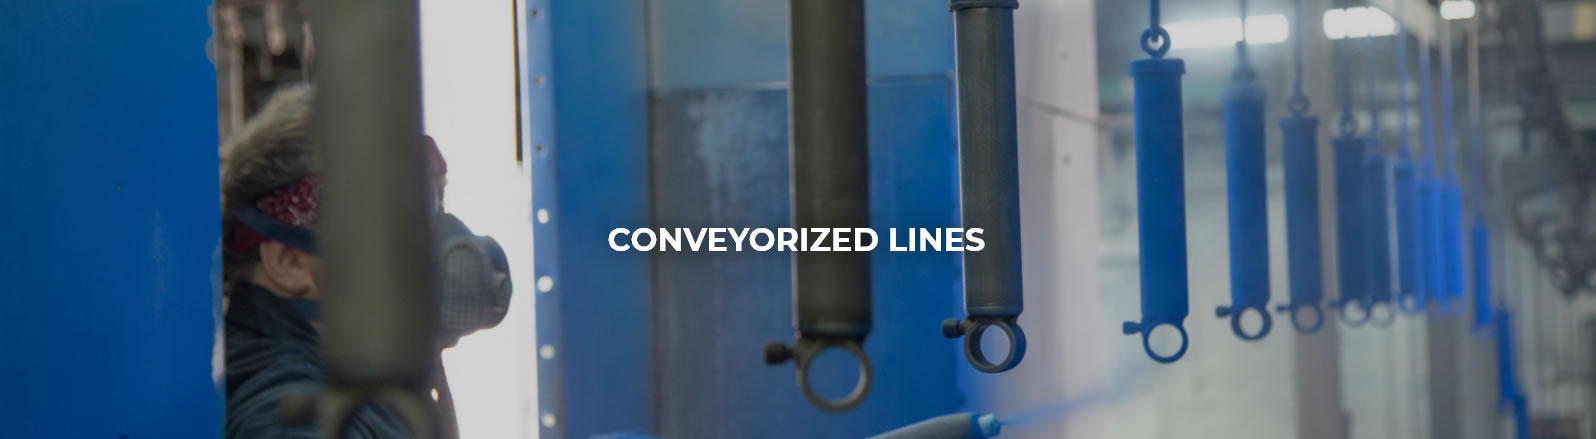 Conveyorized Lines